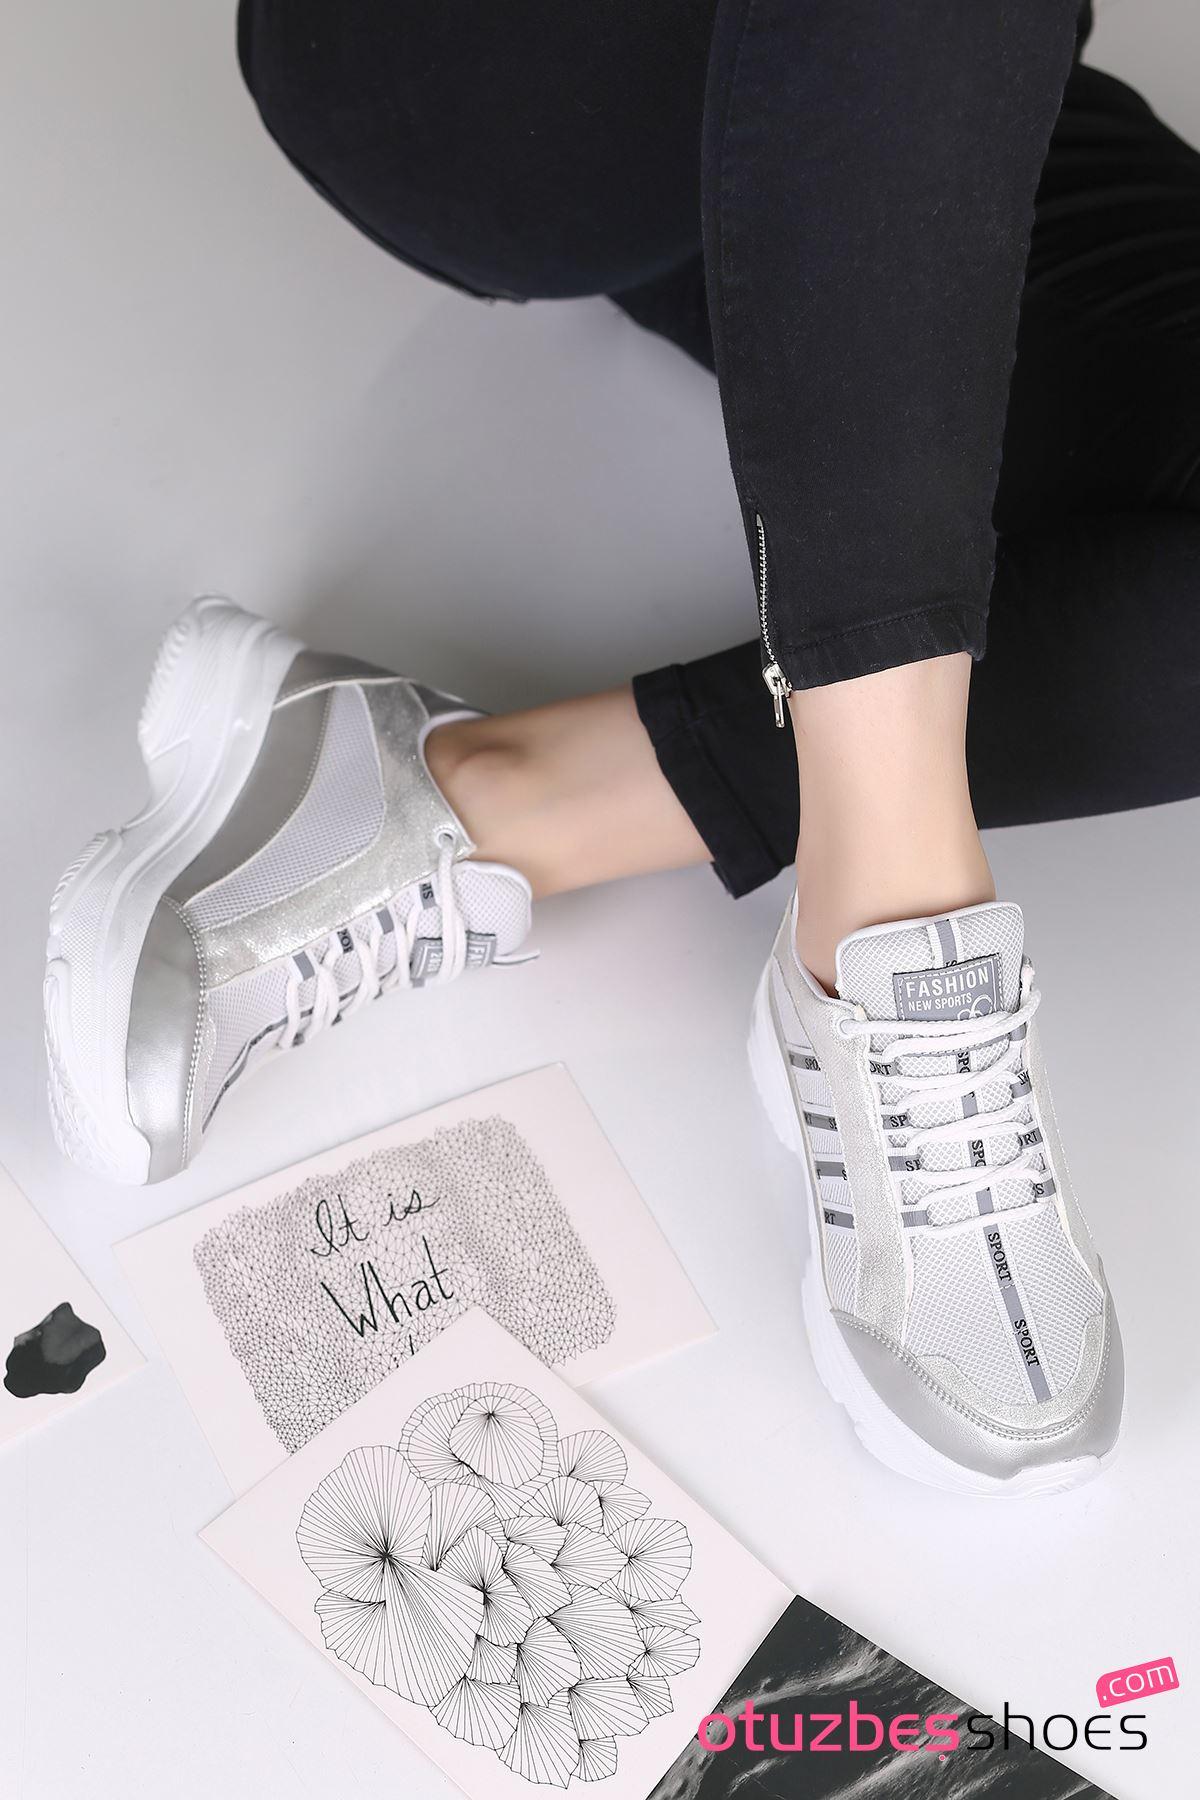 Fashion 500 Mat Deri Yazı Detay Spor Ayakkabı Gümüş